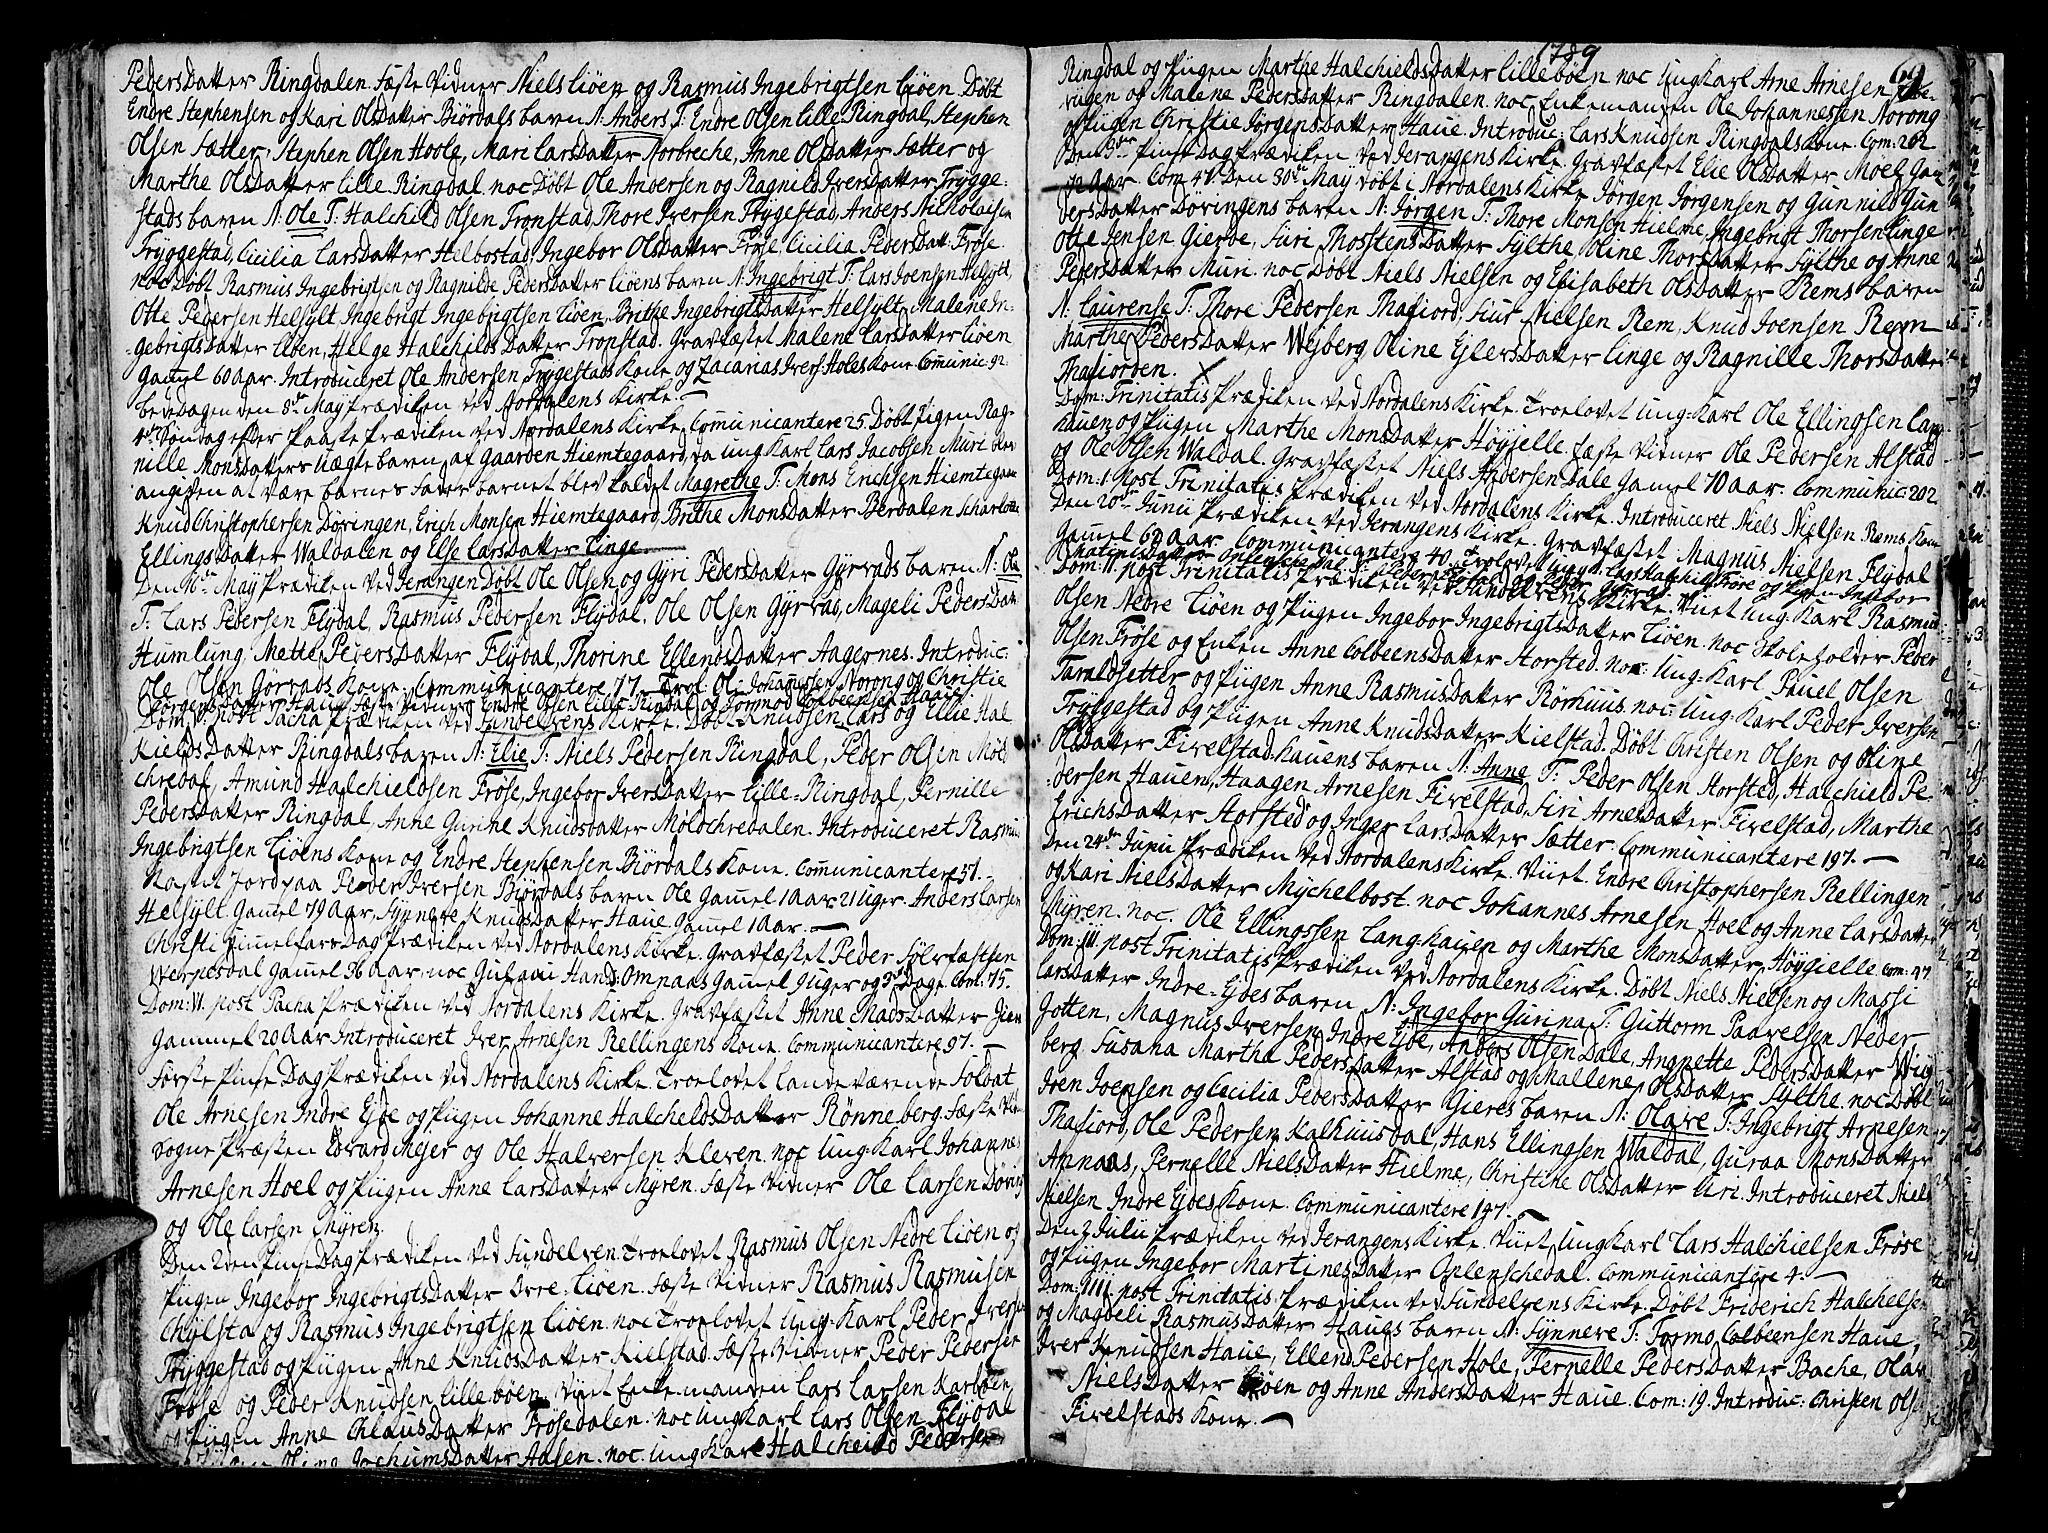 SAT, Ministerialprotokoller, klokkerbøker og fødselsregistre - Møre og Romsdal, 519/L0245: Ministerialbok nr. 519A04, 1774-1816, s. 69